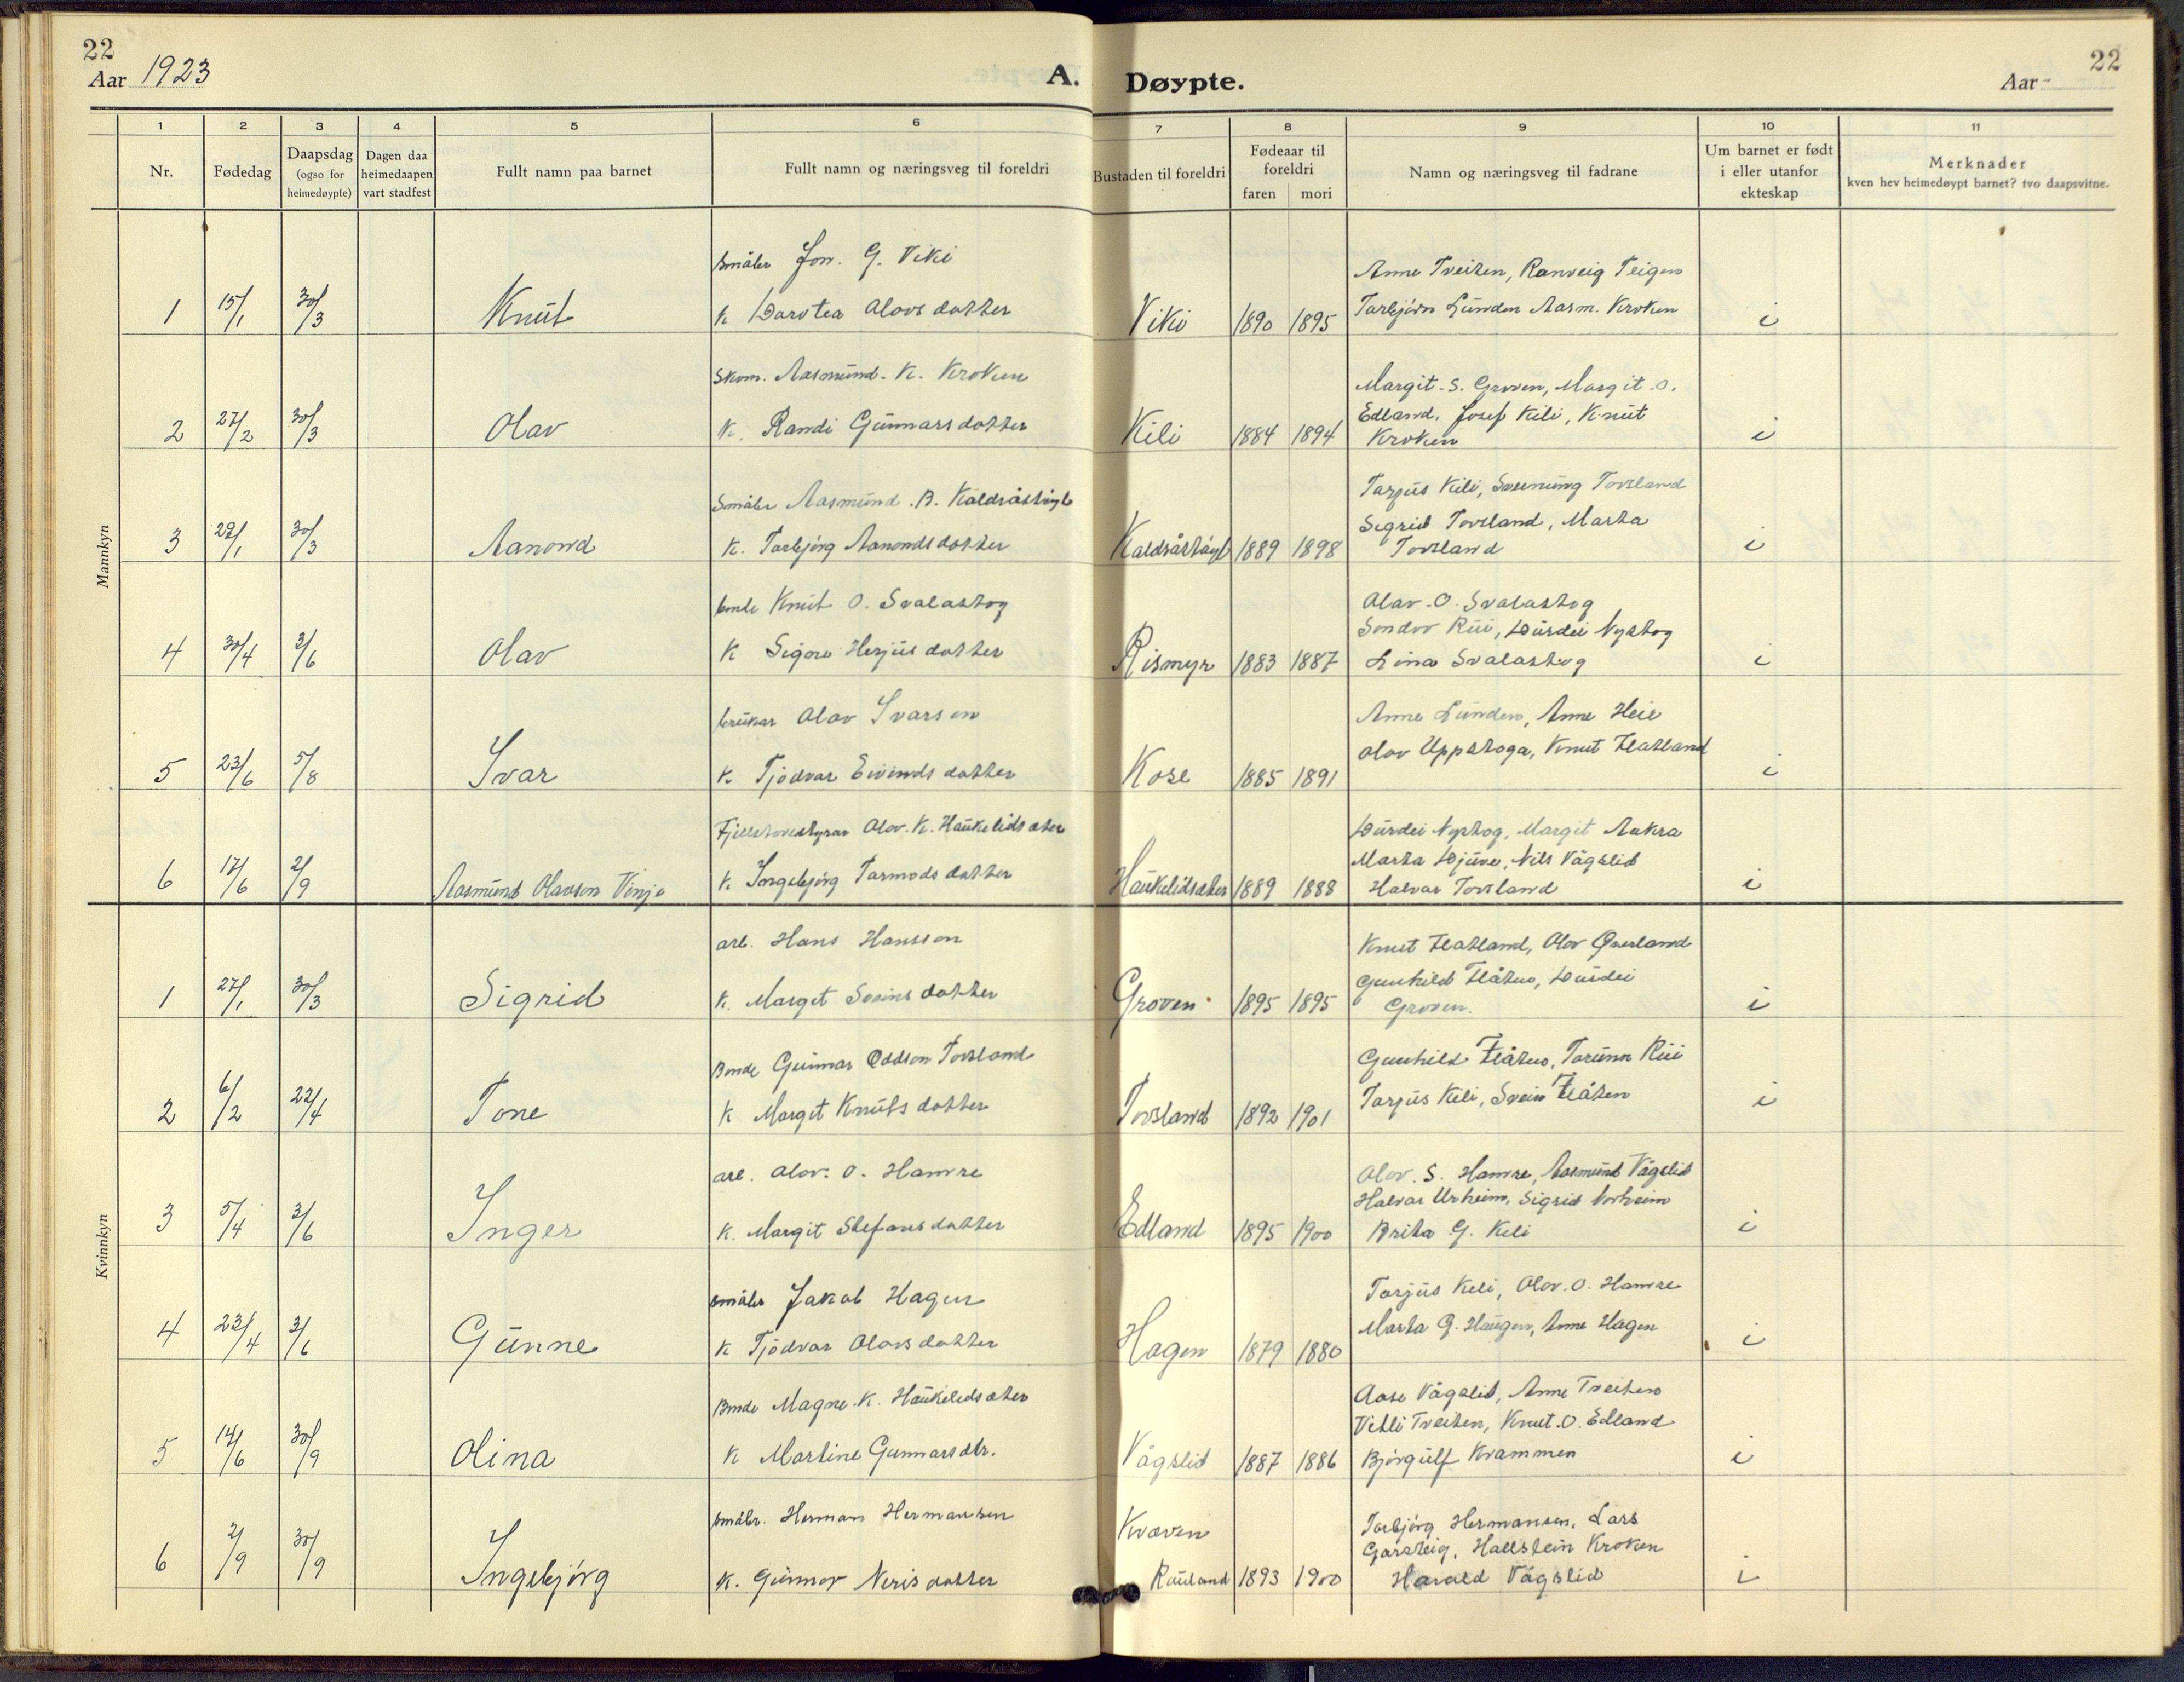 SAKO, Vinje kirkebøker, F/Fc/L0001: Ministerialbok nr. III 1, 1921-1943, s. 22